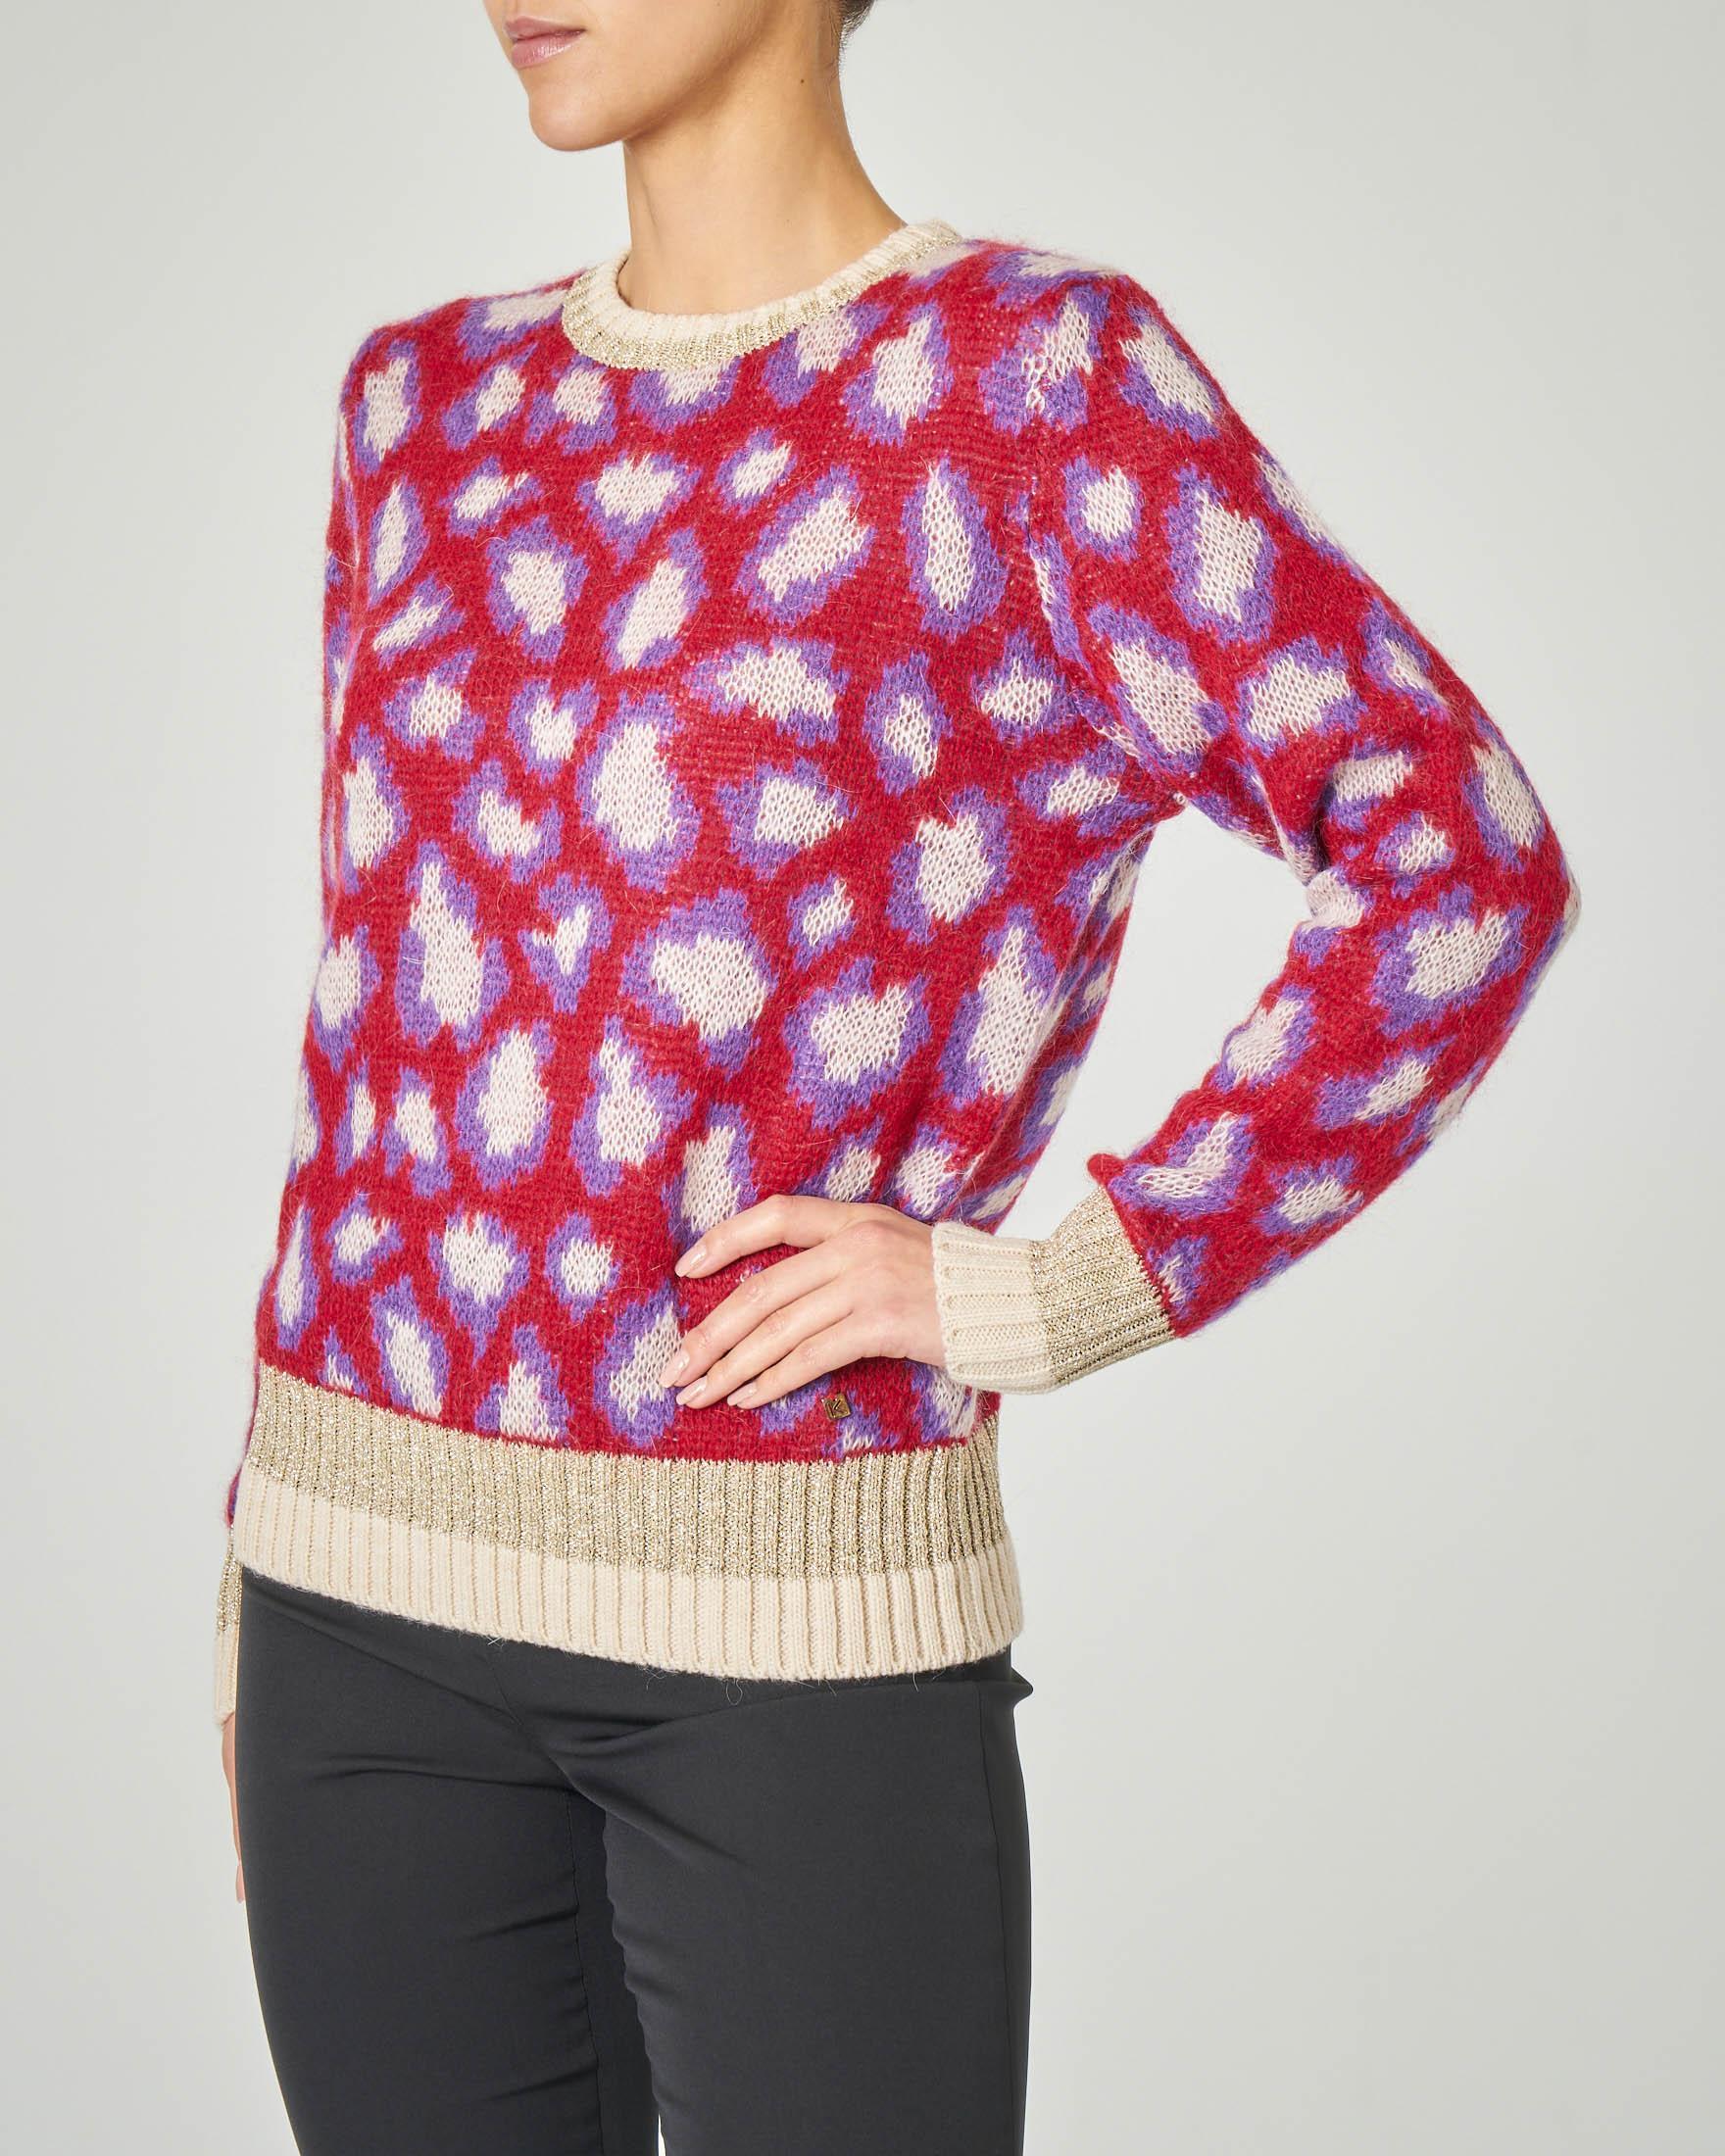 Maglia in lana misto mohair rossa a fantasia animalier con profili in lurex